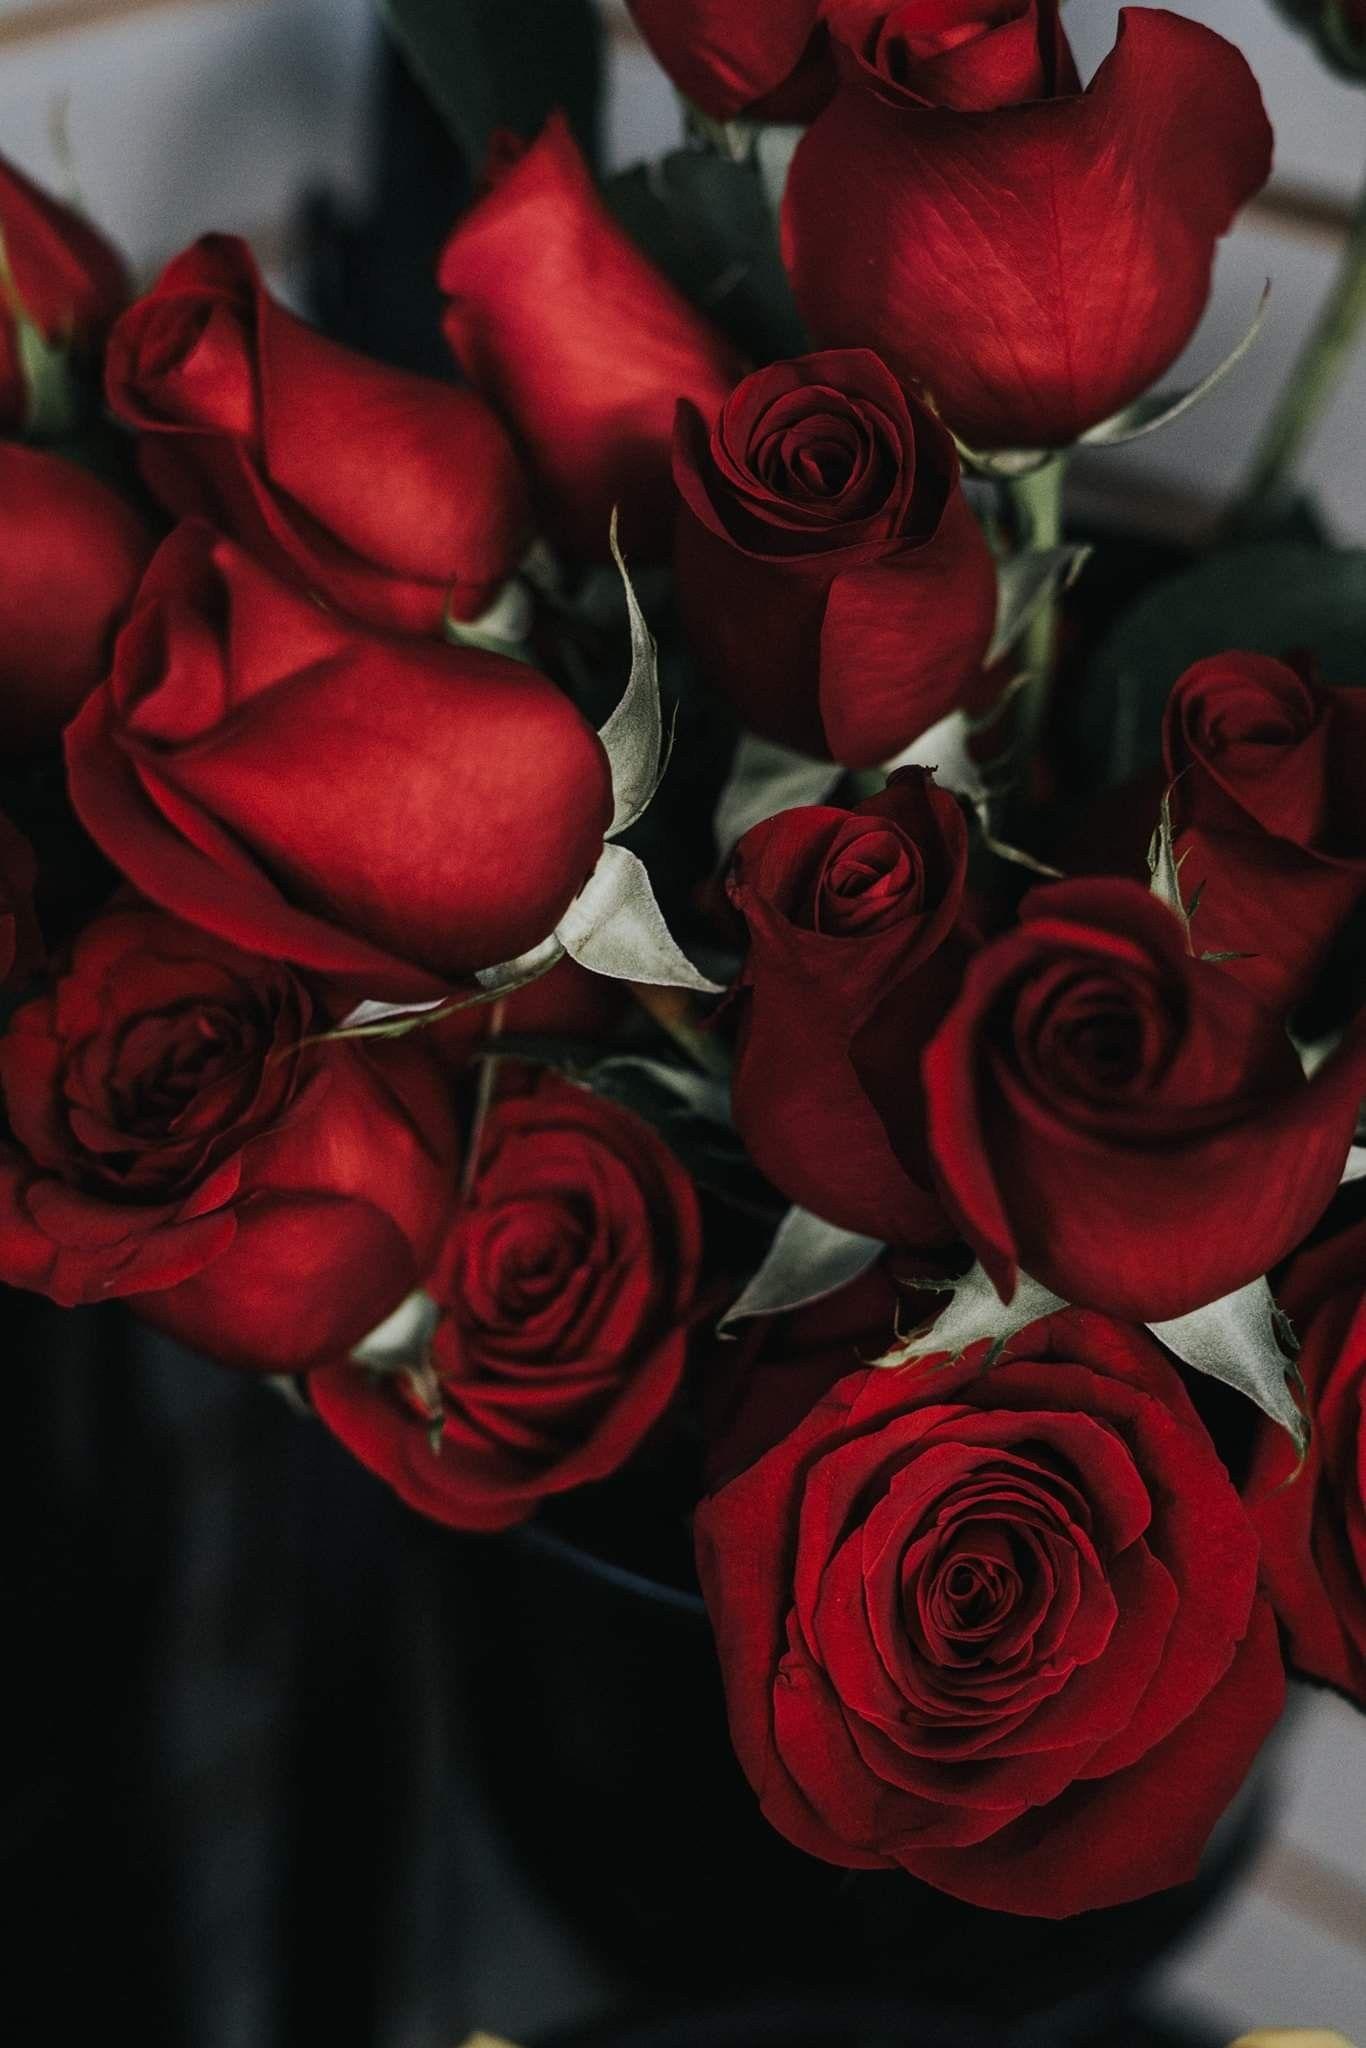 Pin De Ekaterina Bakulina Em Roses Rosas Vermelhas Buquê